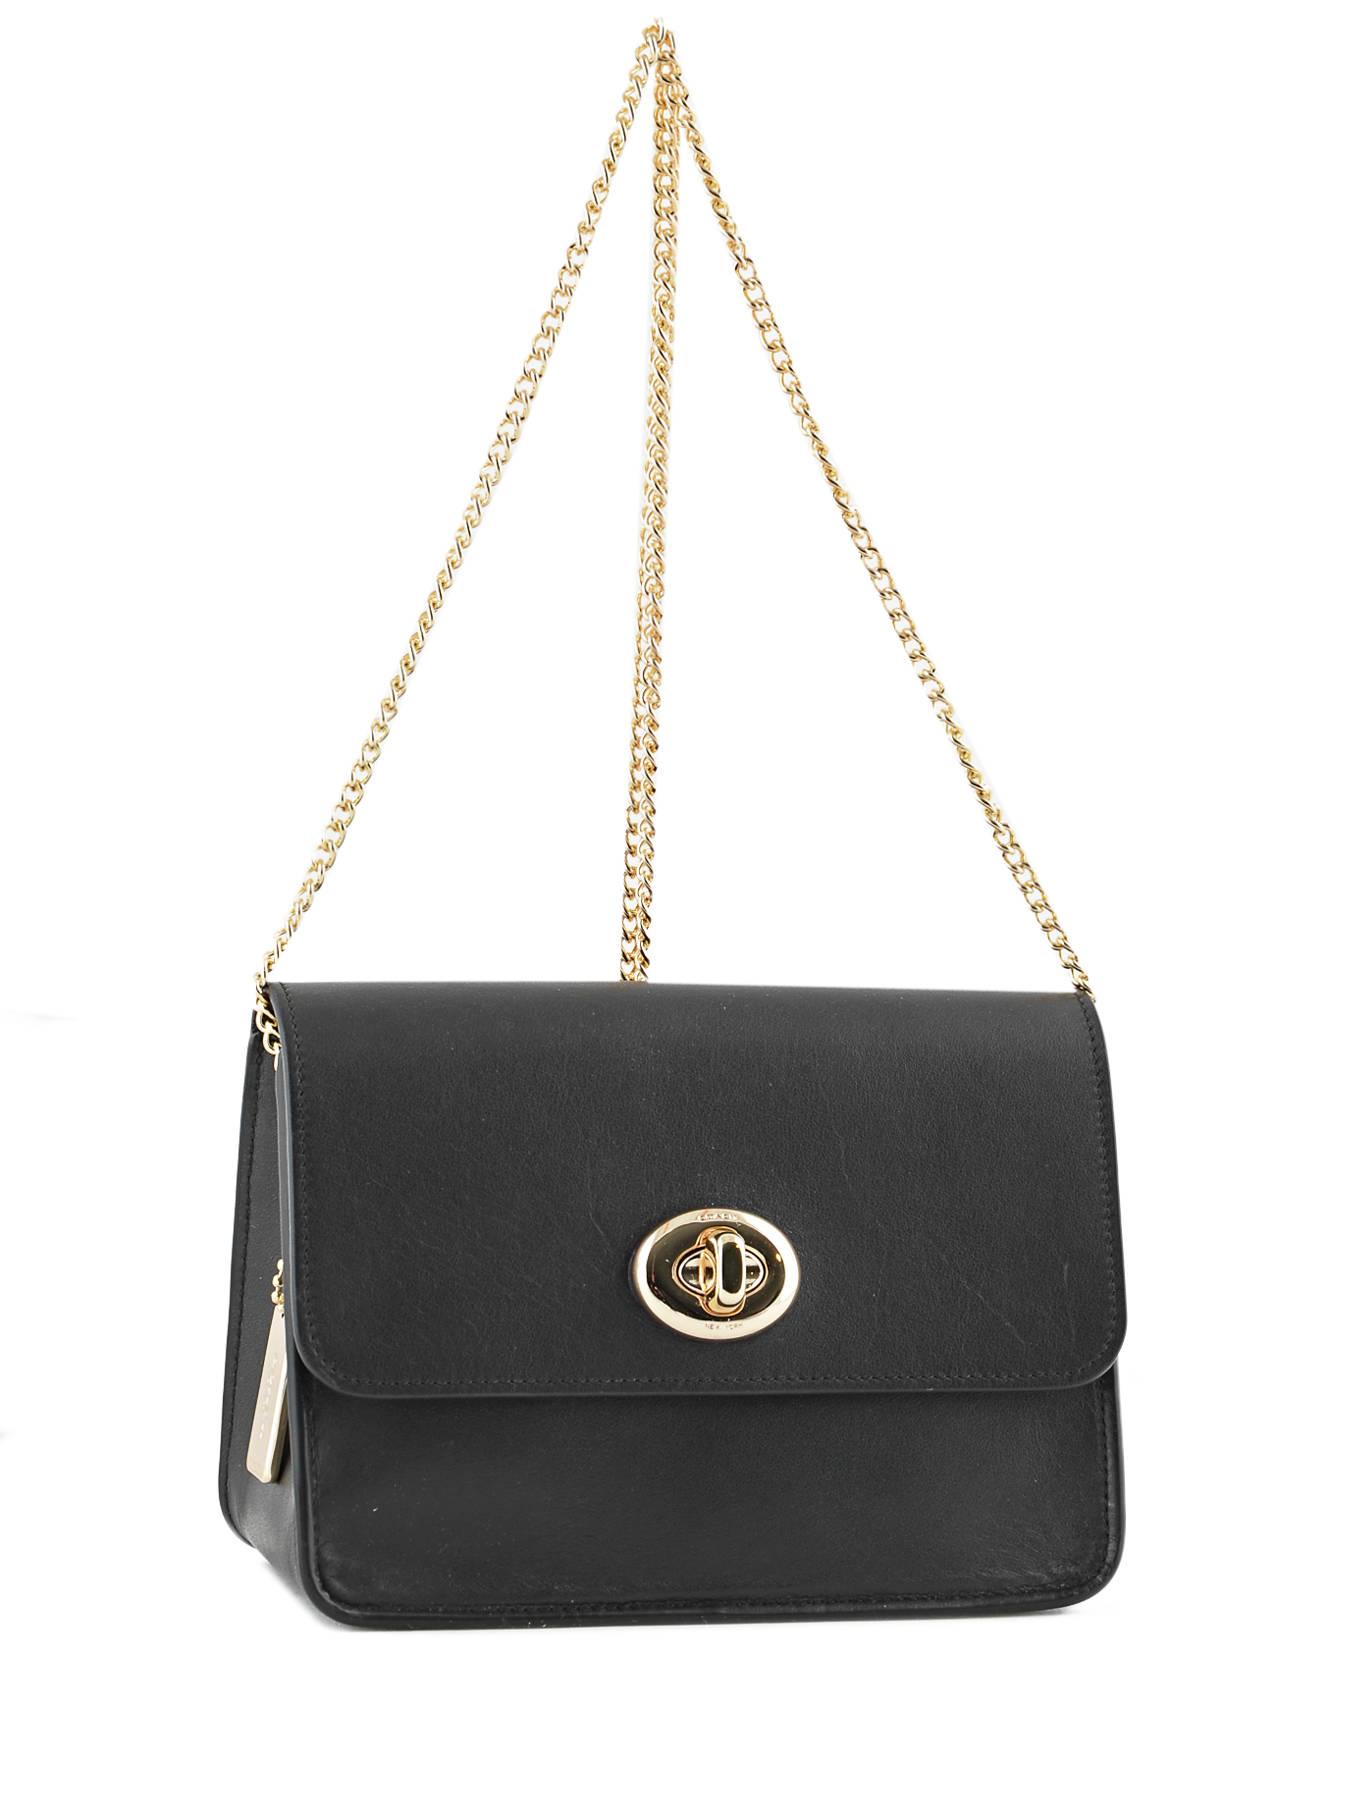 coach classic handbags prices menu rh maidtoserveu com